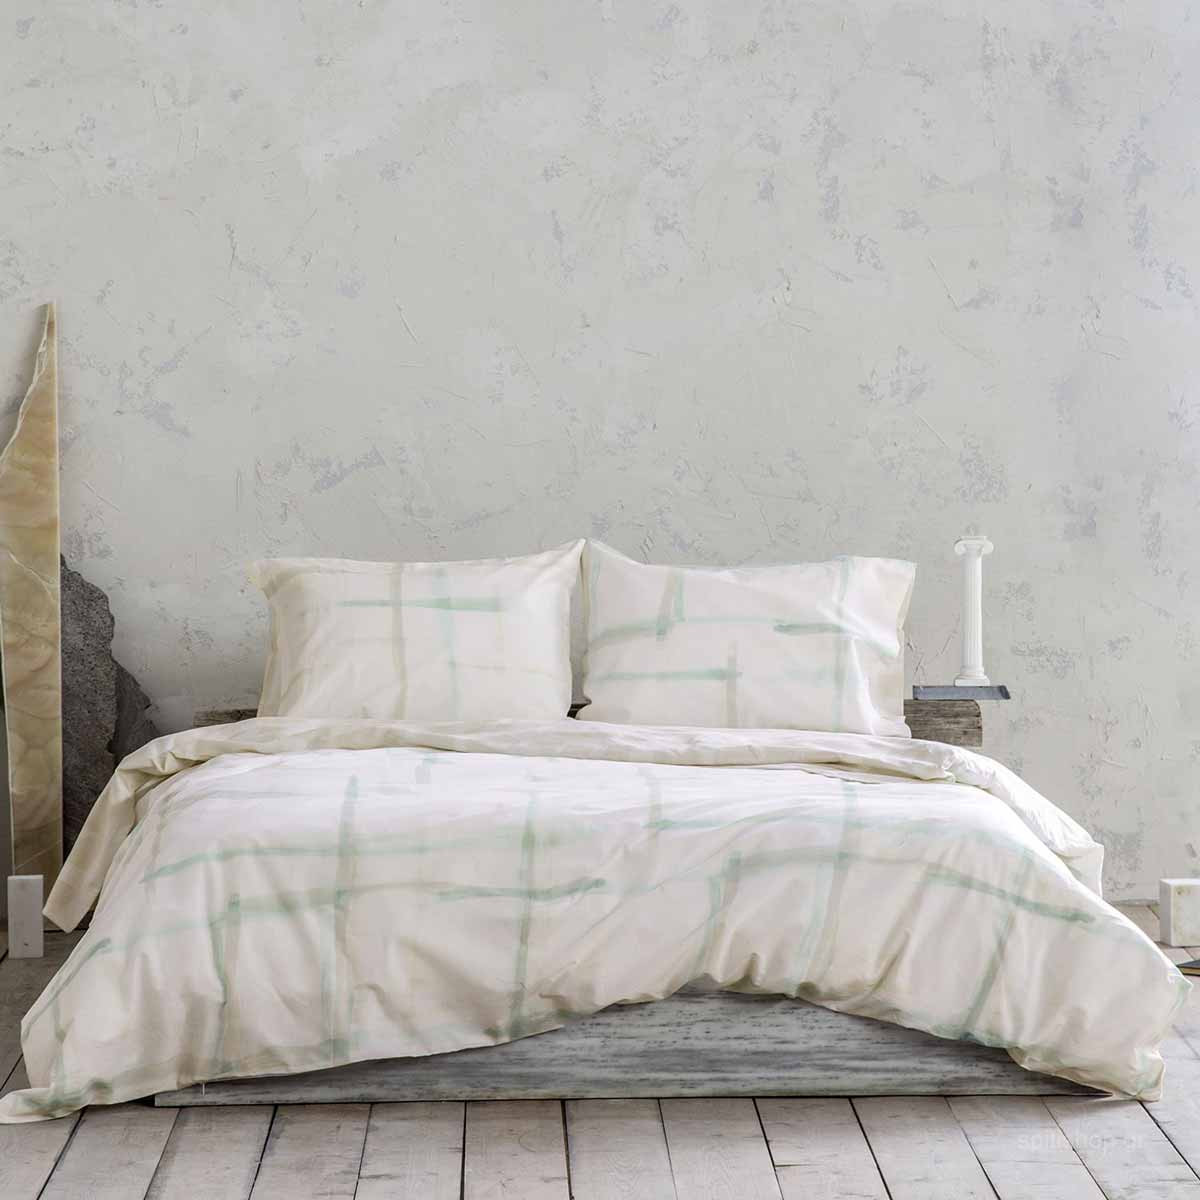 Σεντόνια Υπέρδιπλα (Σετ) Nima Bed Linen La Pintura Mint ΧΩΡΙΣ ΛΑΣΤΙΧΟ ΧΩΡΙΣ ΛΑΣΤΙΧΟ